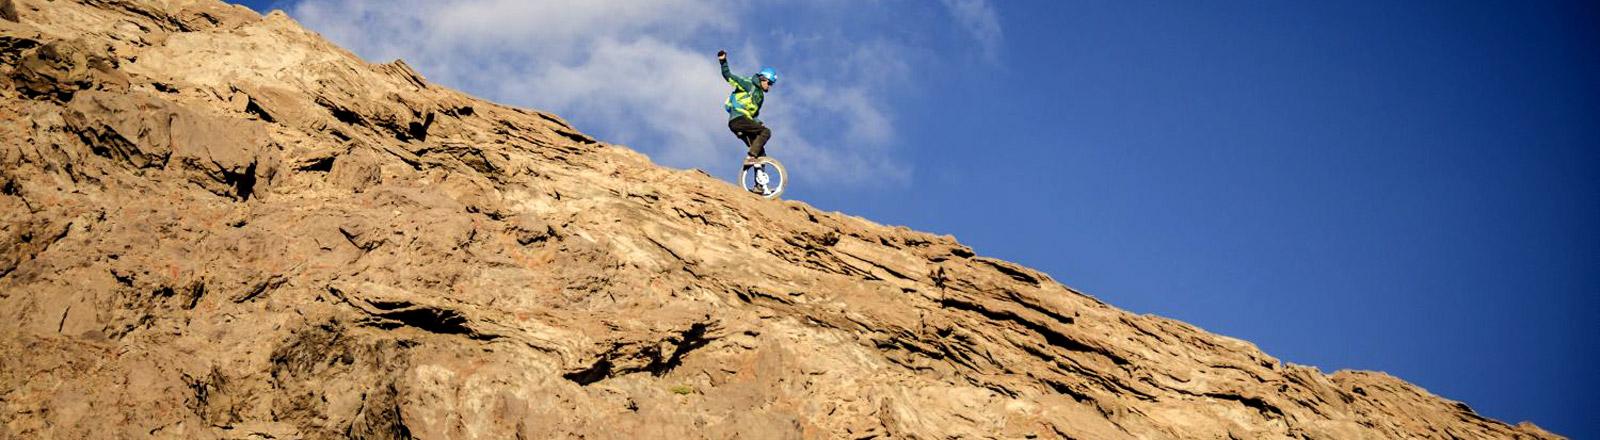 Einradfahrer Lutz Eichholz fährt den fast 6000 Meter hohen Berg Damavand in Iran hinab.